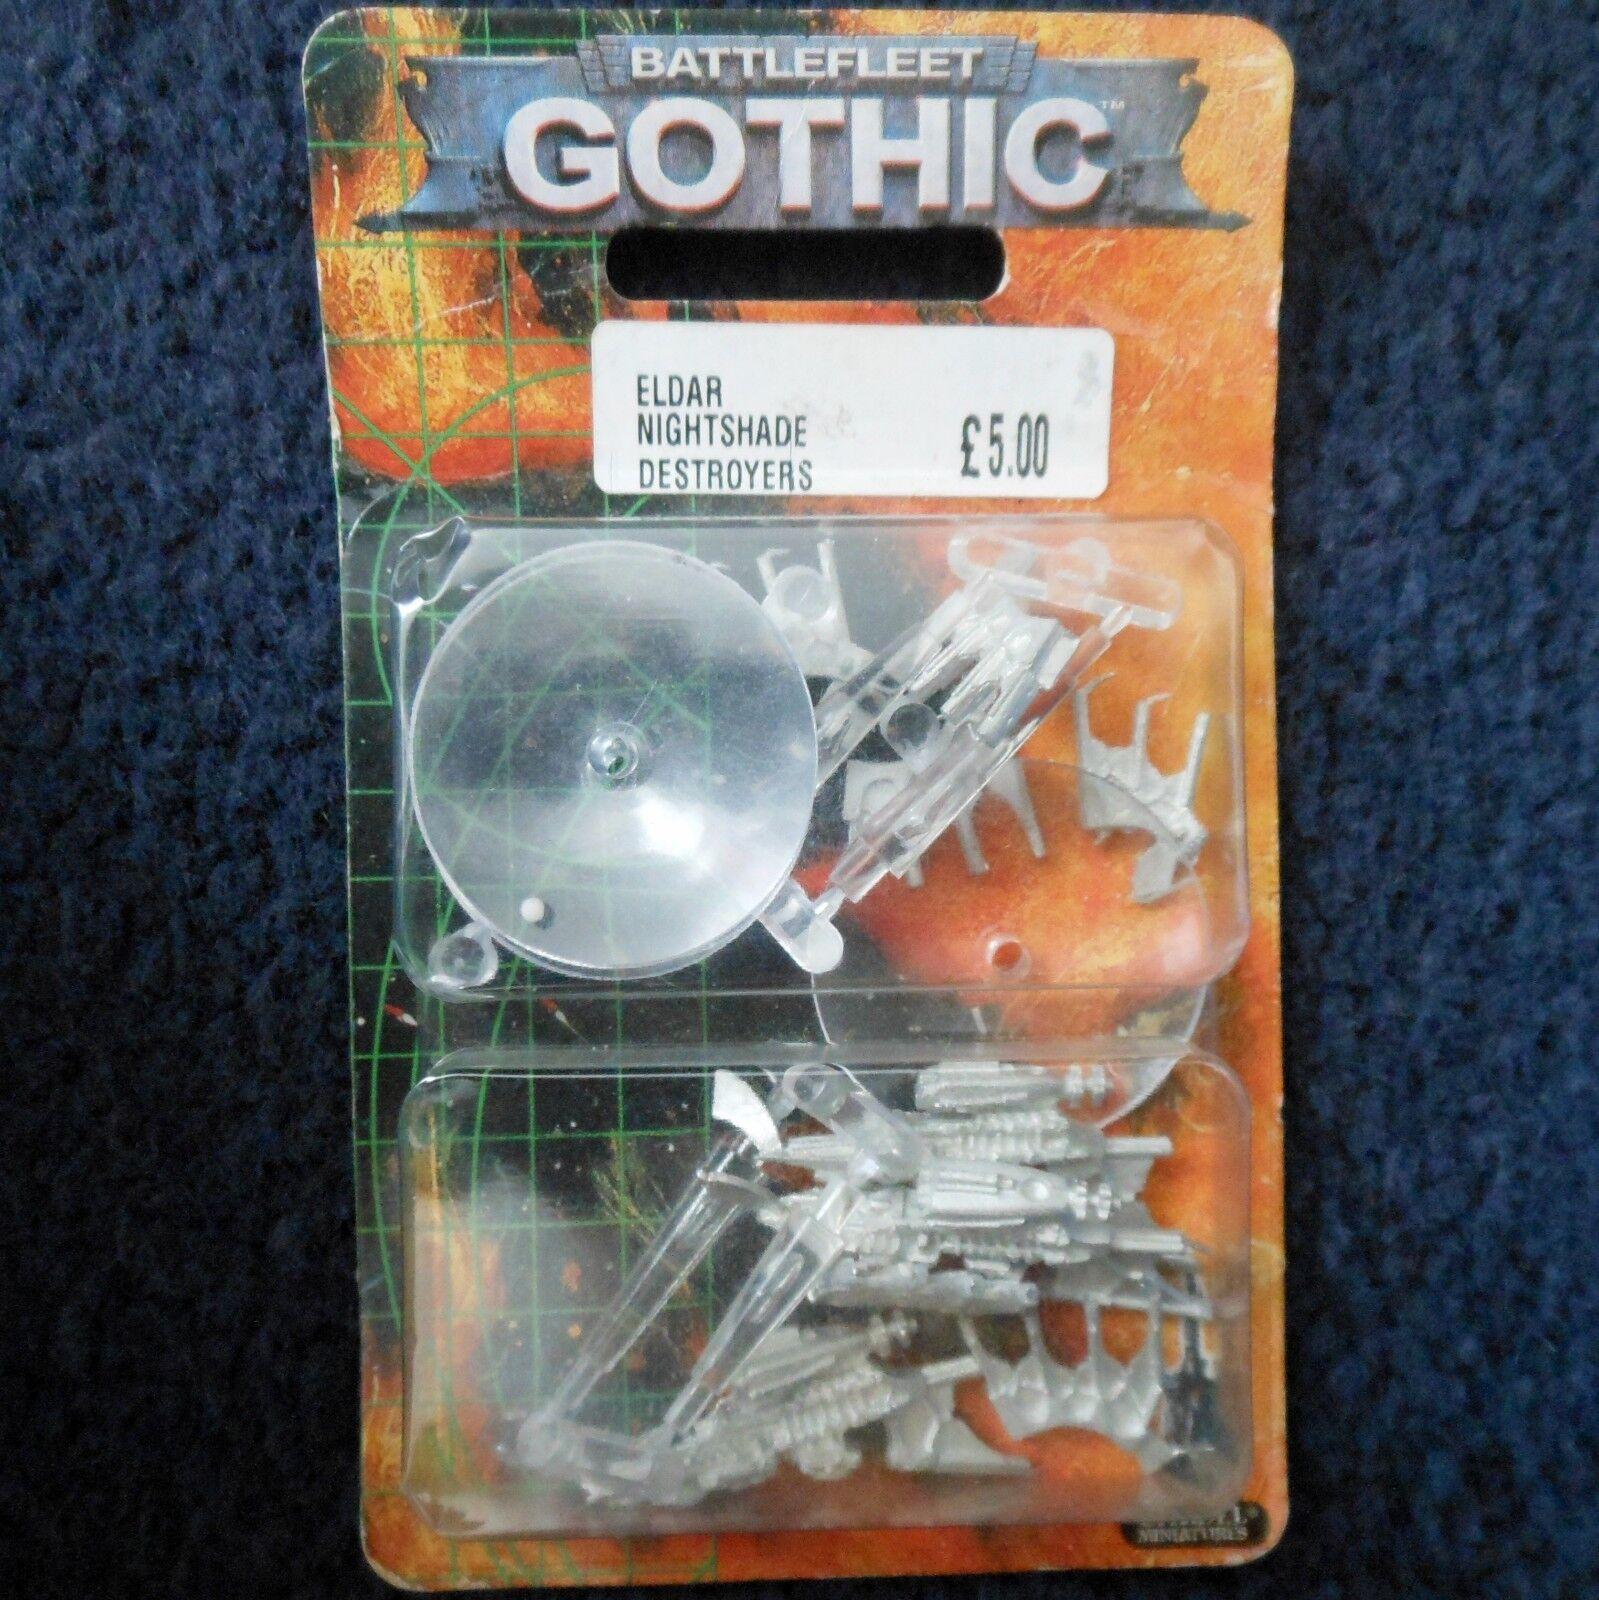 1999 battlefleet Gothic Eldar Nightshade destructores escolta Games Workshop Workshop Workshop GW MIB 343a3d